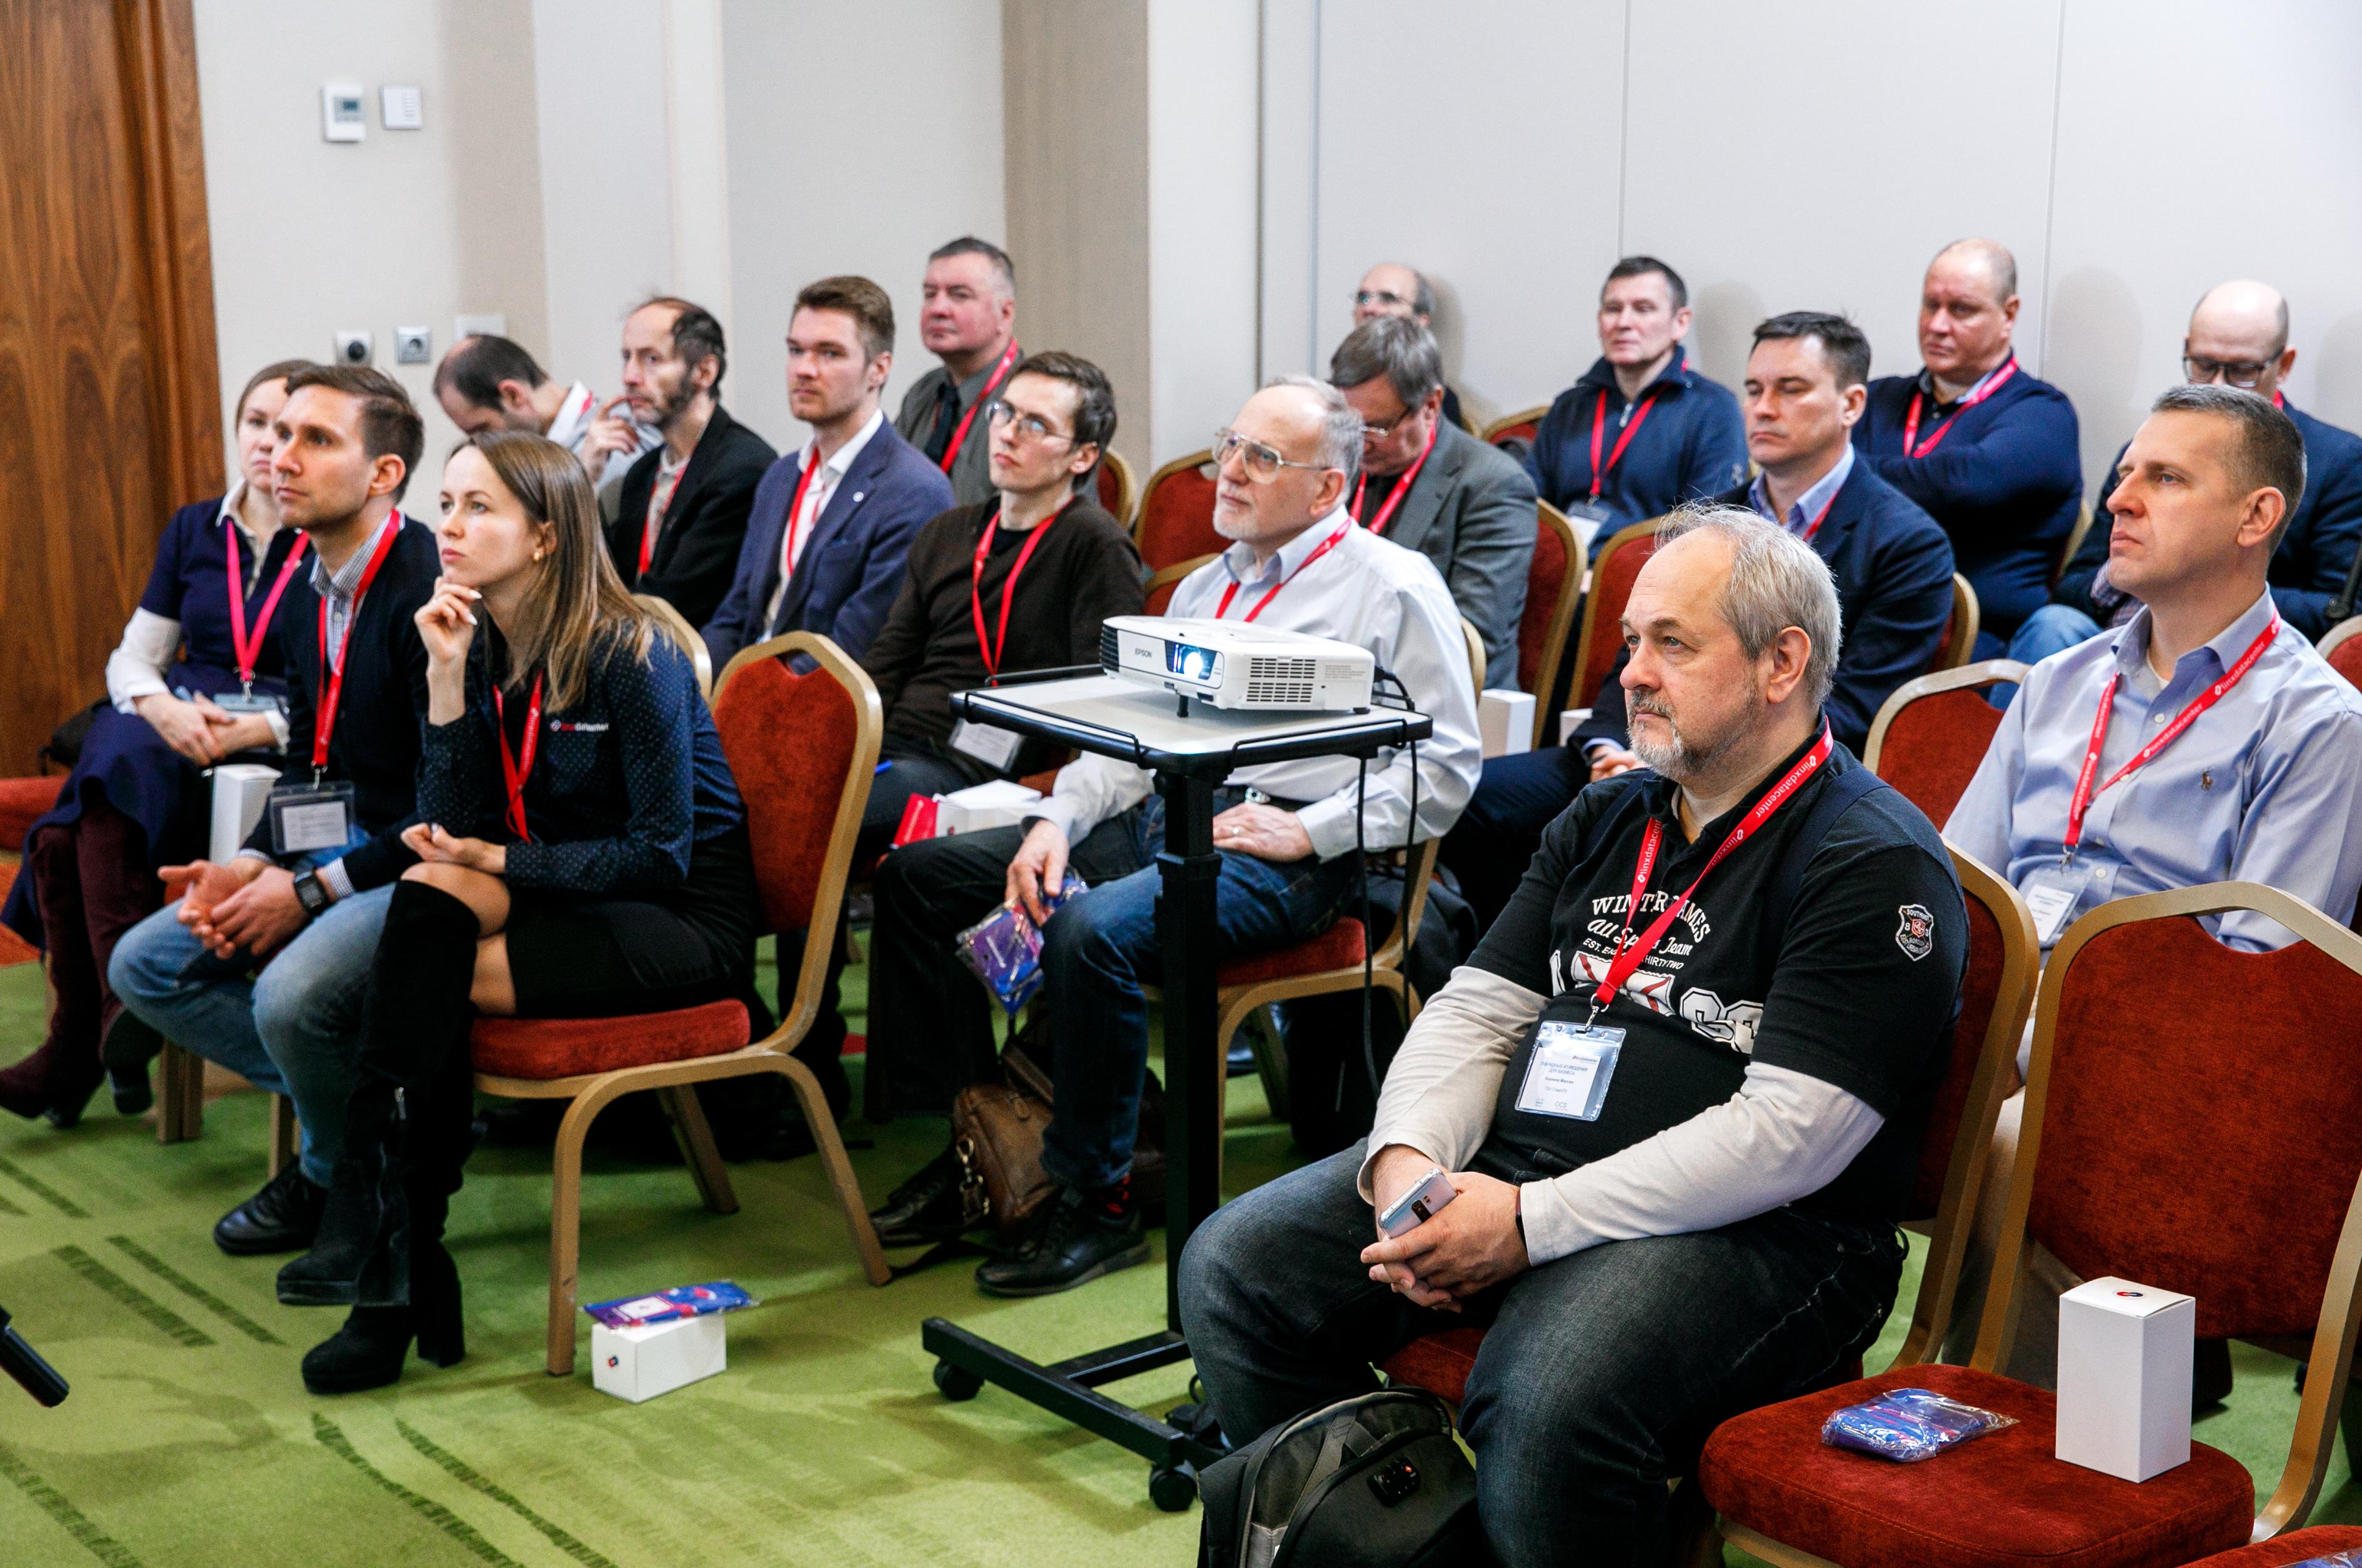 Семинар: Гибридные ИТ-решения для бизнеса. 5 декабря, Санкт-Петербург